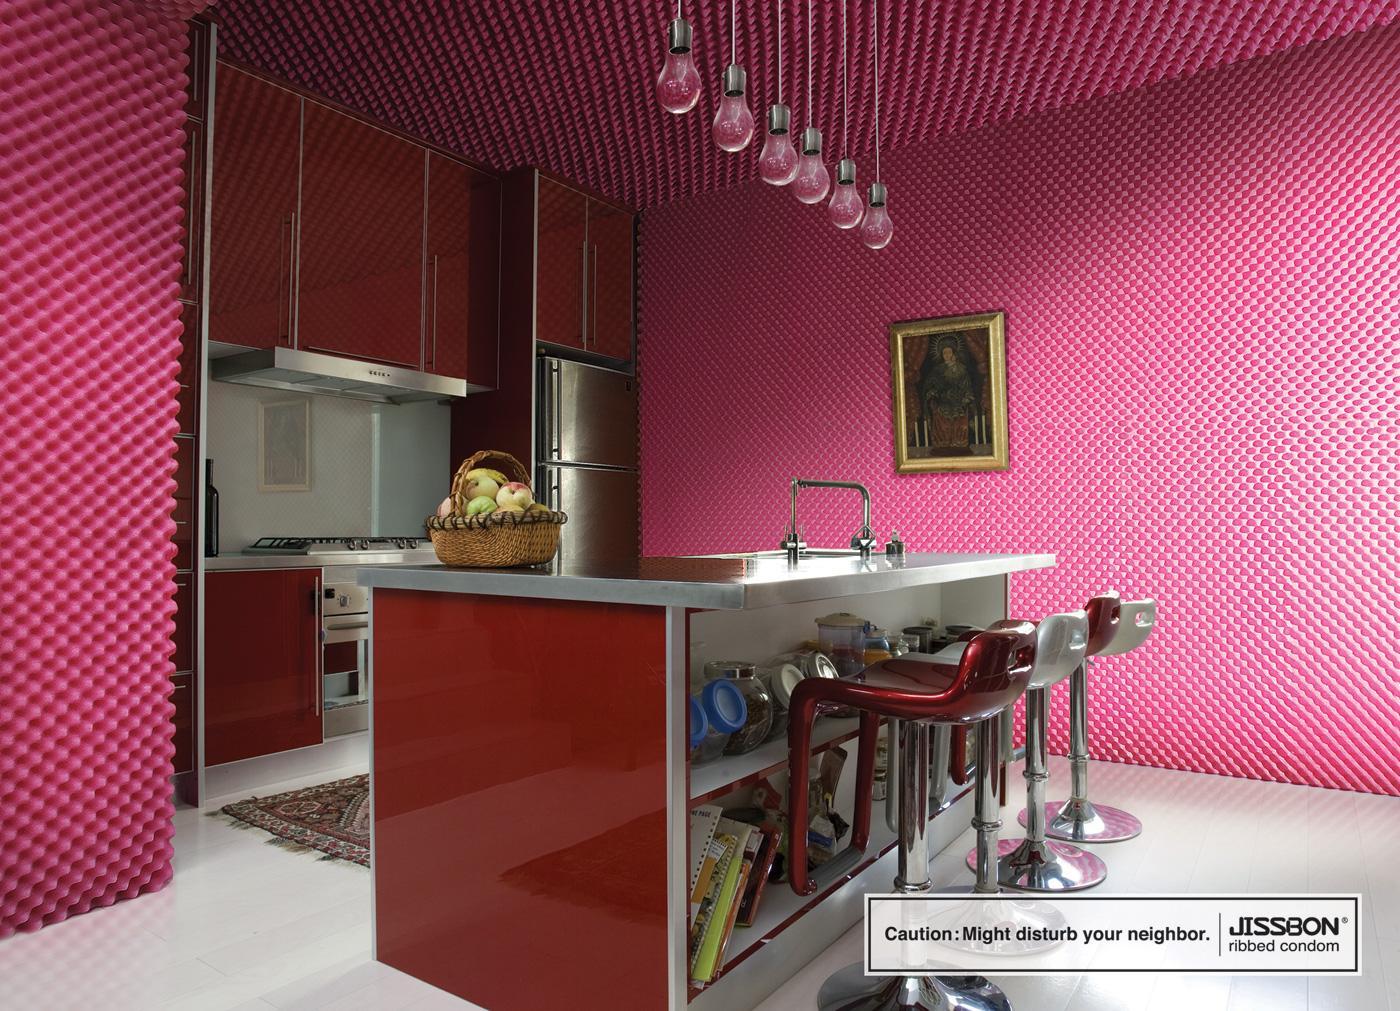 Jissbon Print Ad -  Kitchen